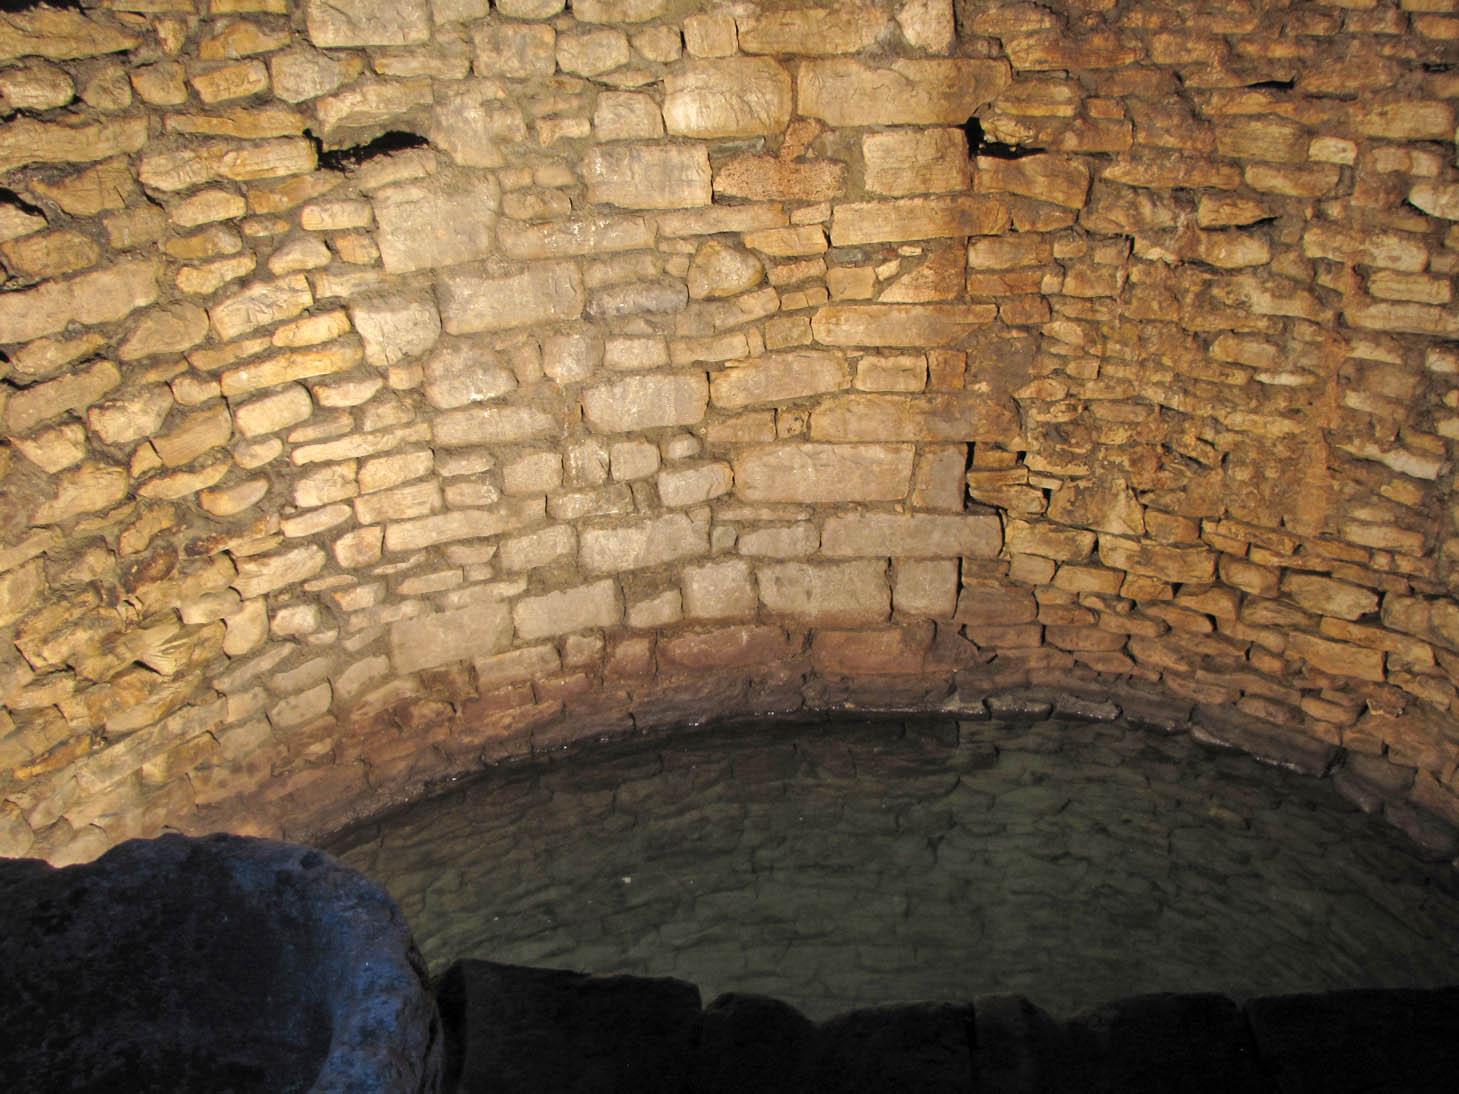 L'interno del pozzo